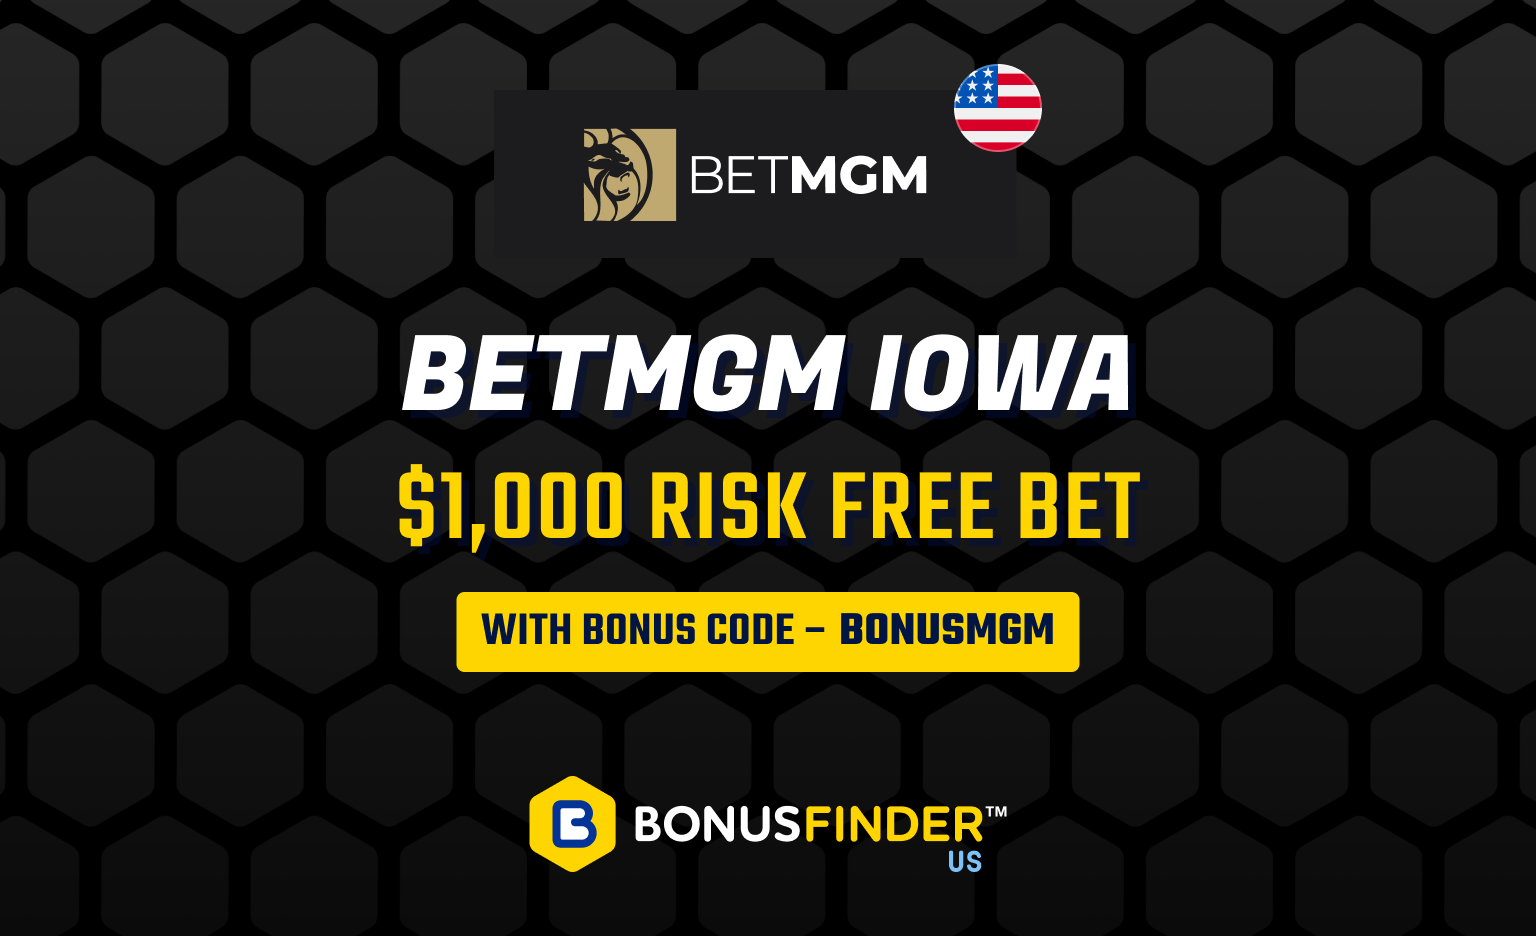 BetMGM Iowa Bonus Code